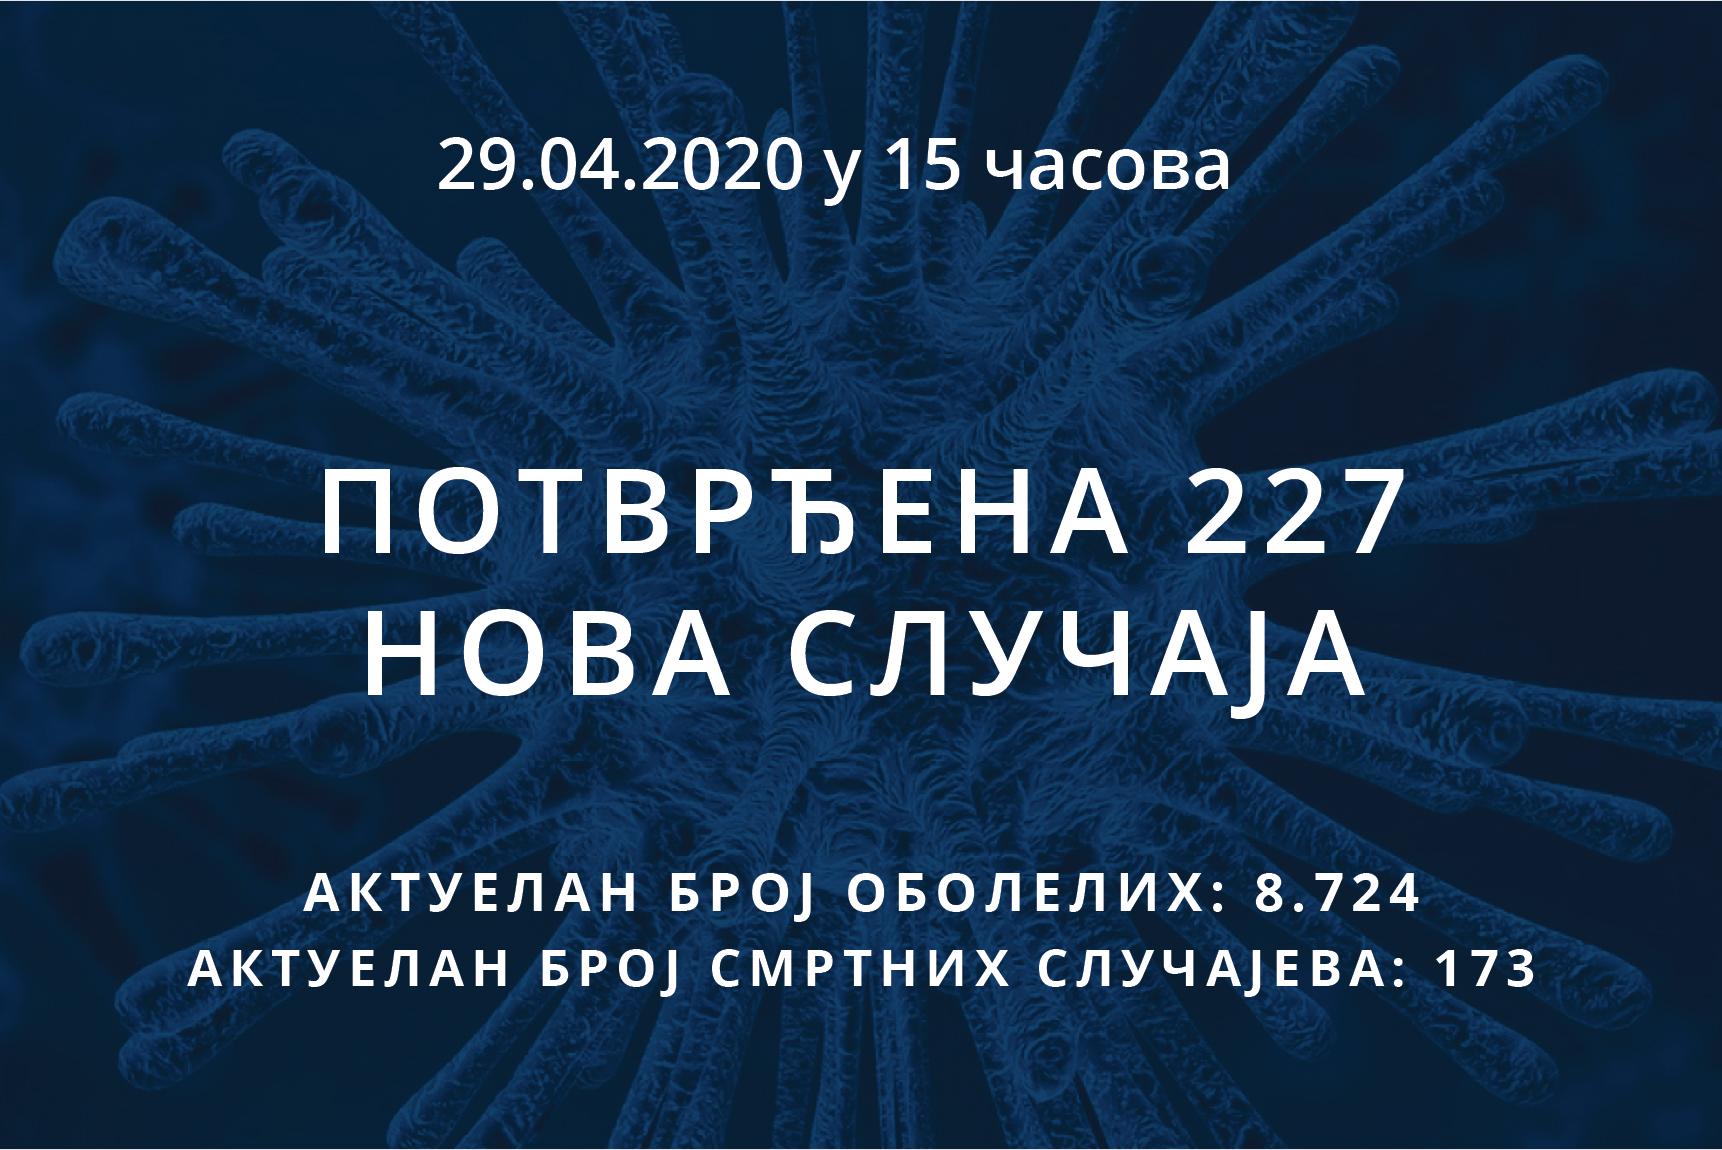 Информације о корона вирусу COVID-19, 29.04.2020 у 15 часова